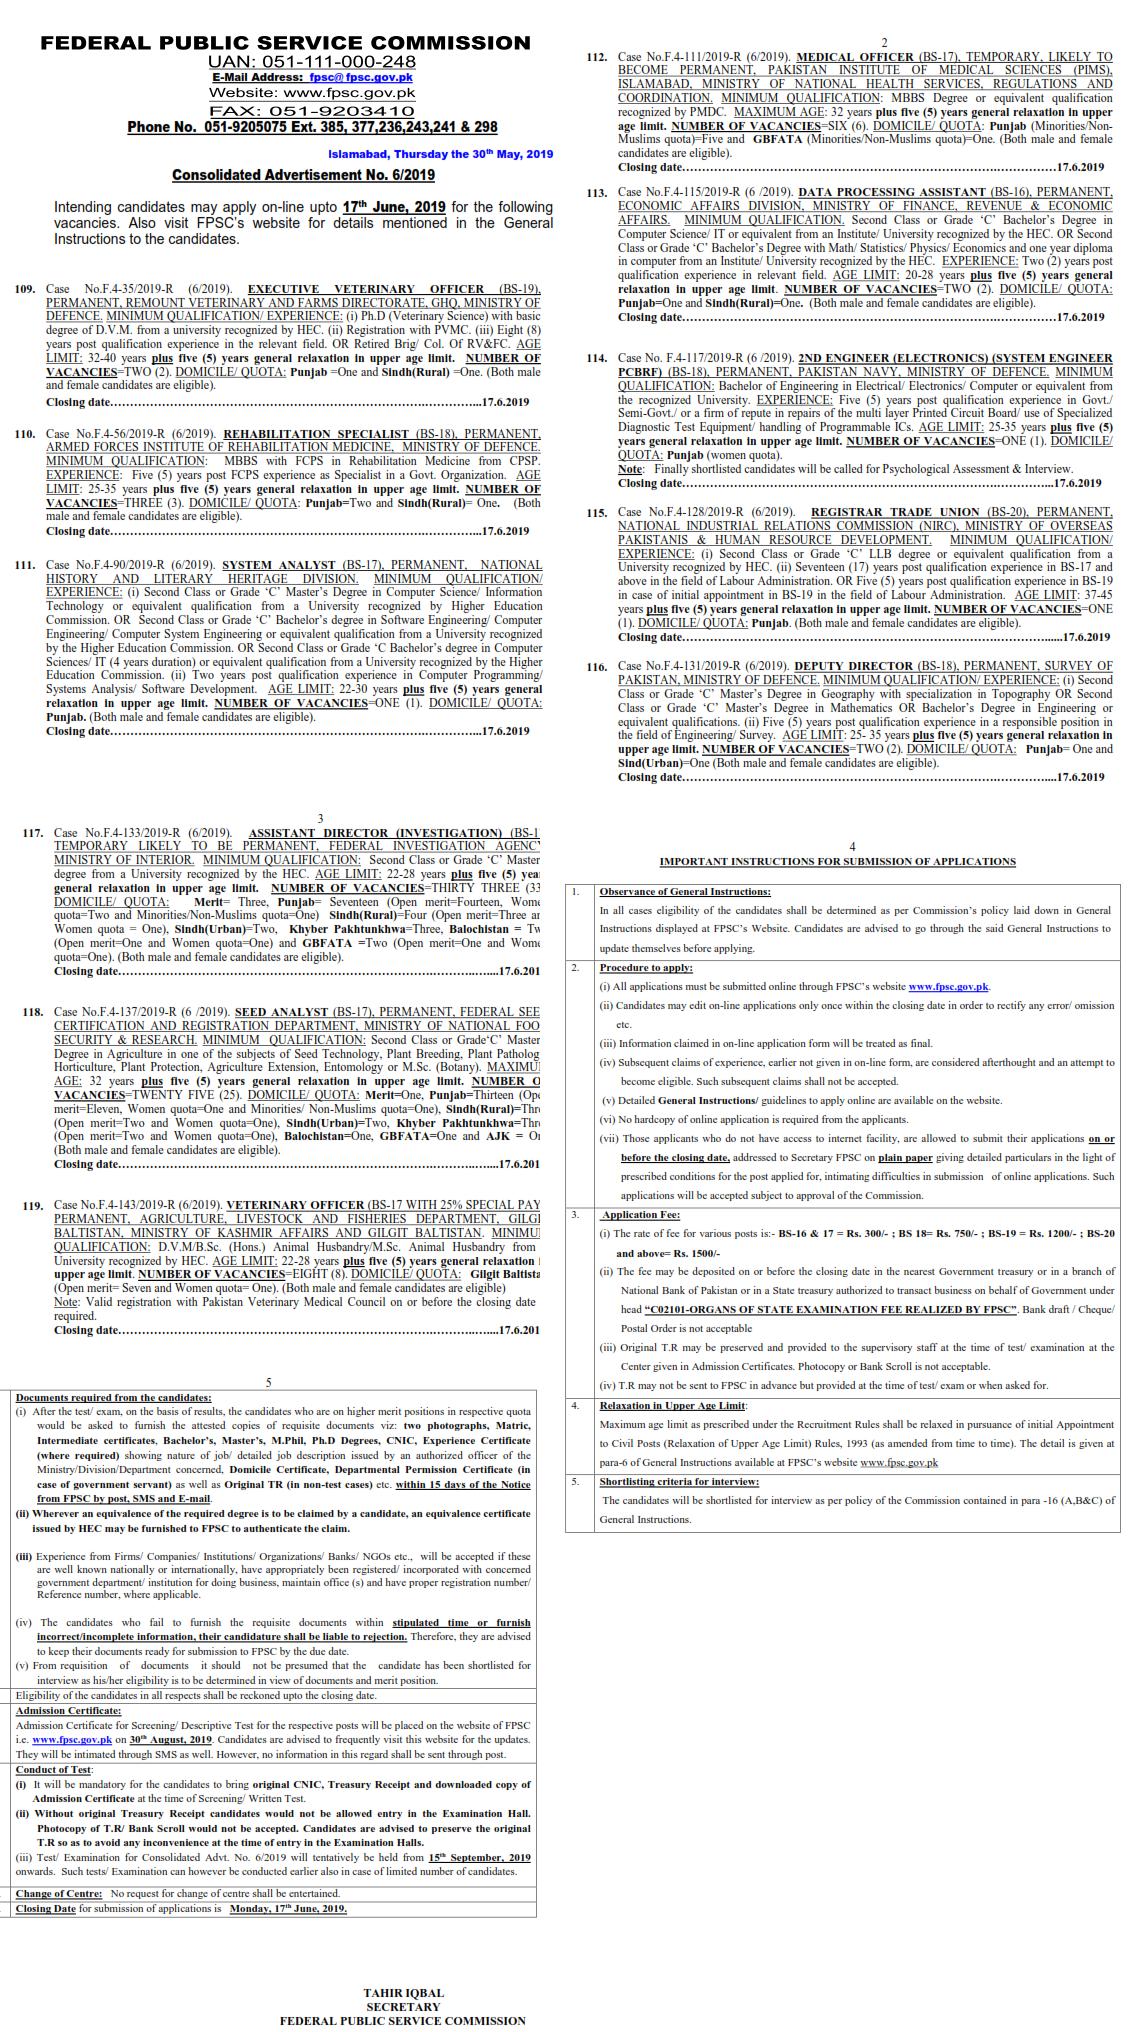 FIA Jobs 2019 for Assistant Directors (Investigation) Federal